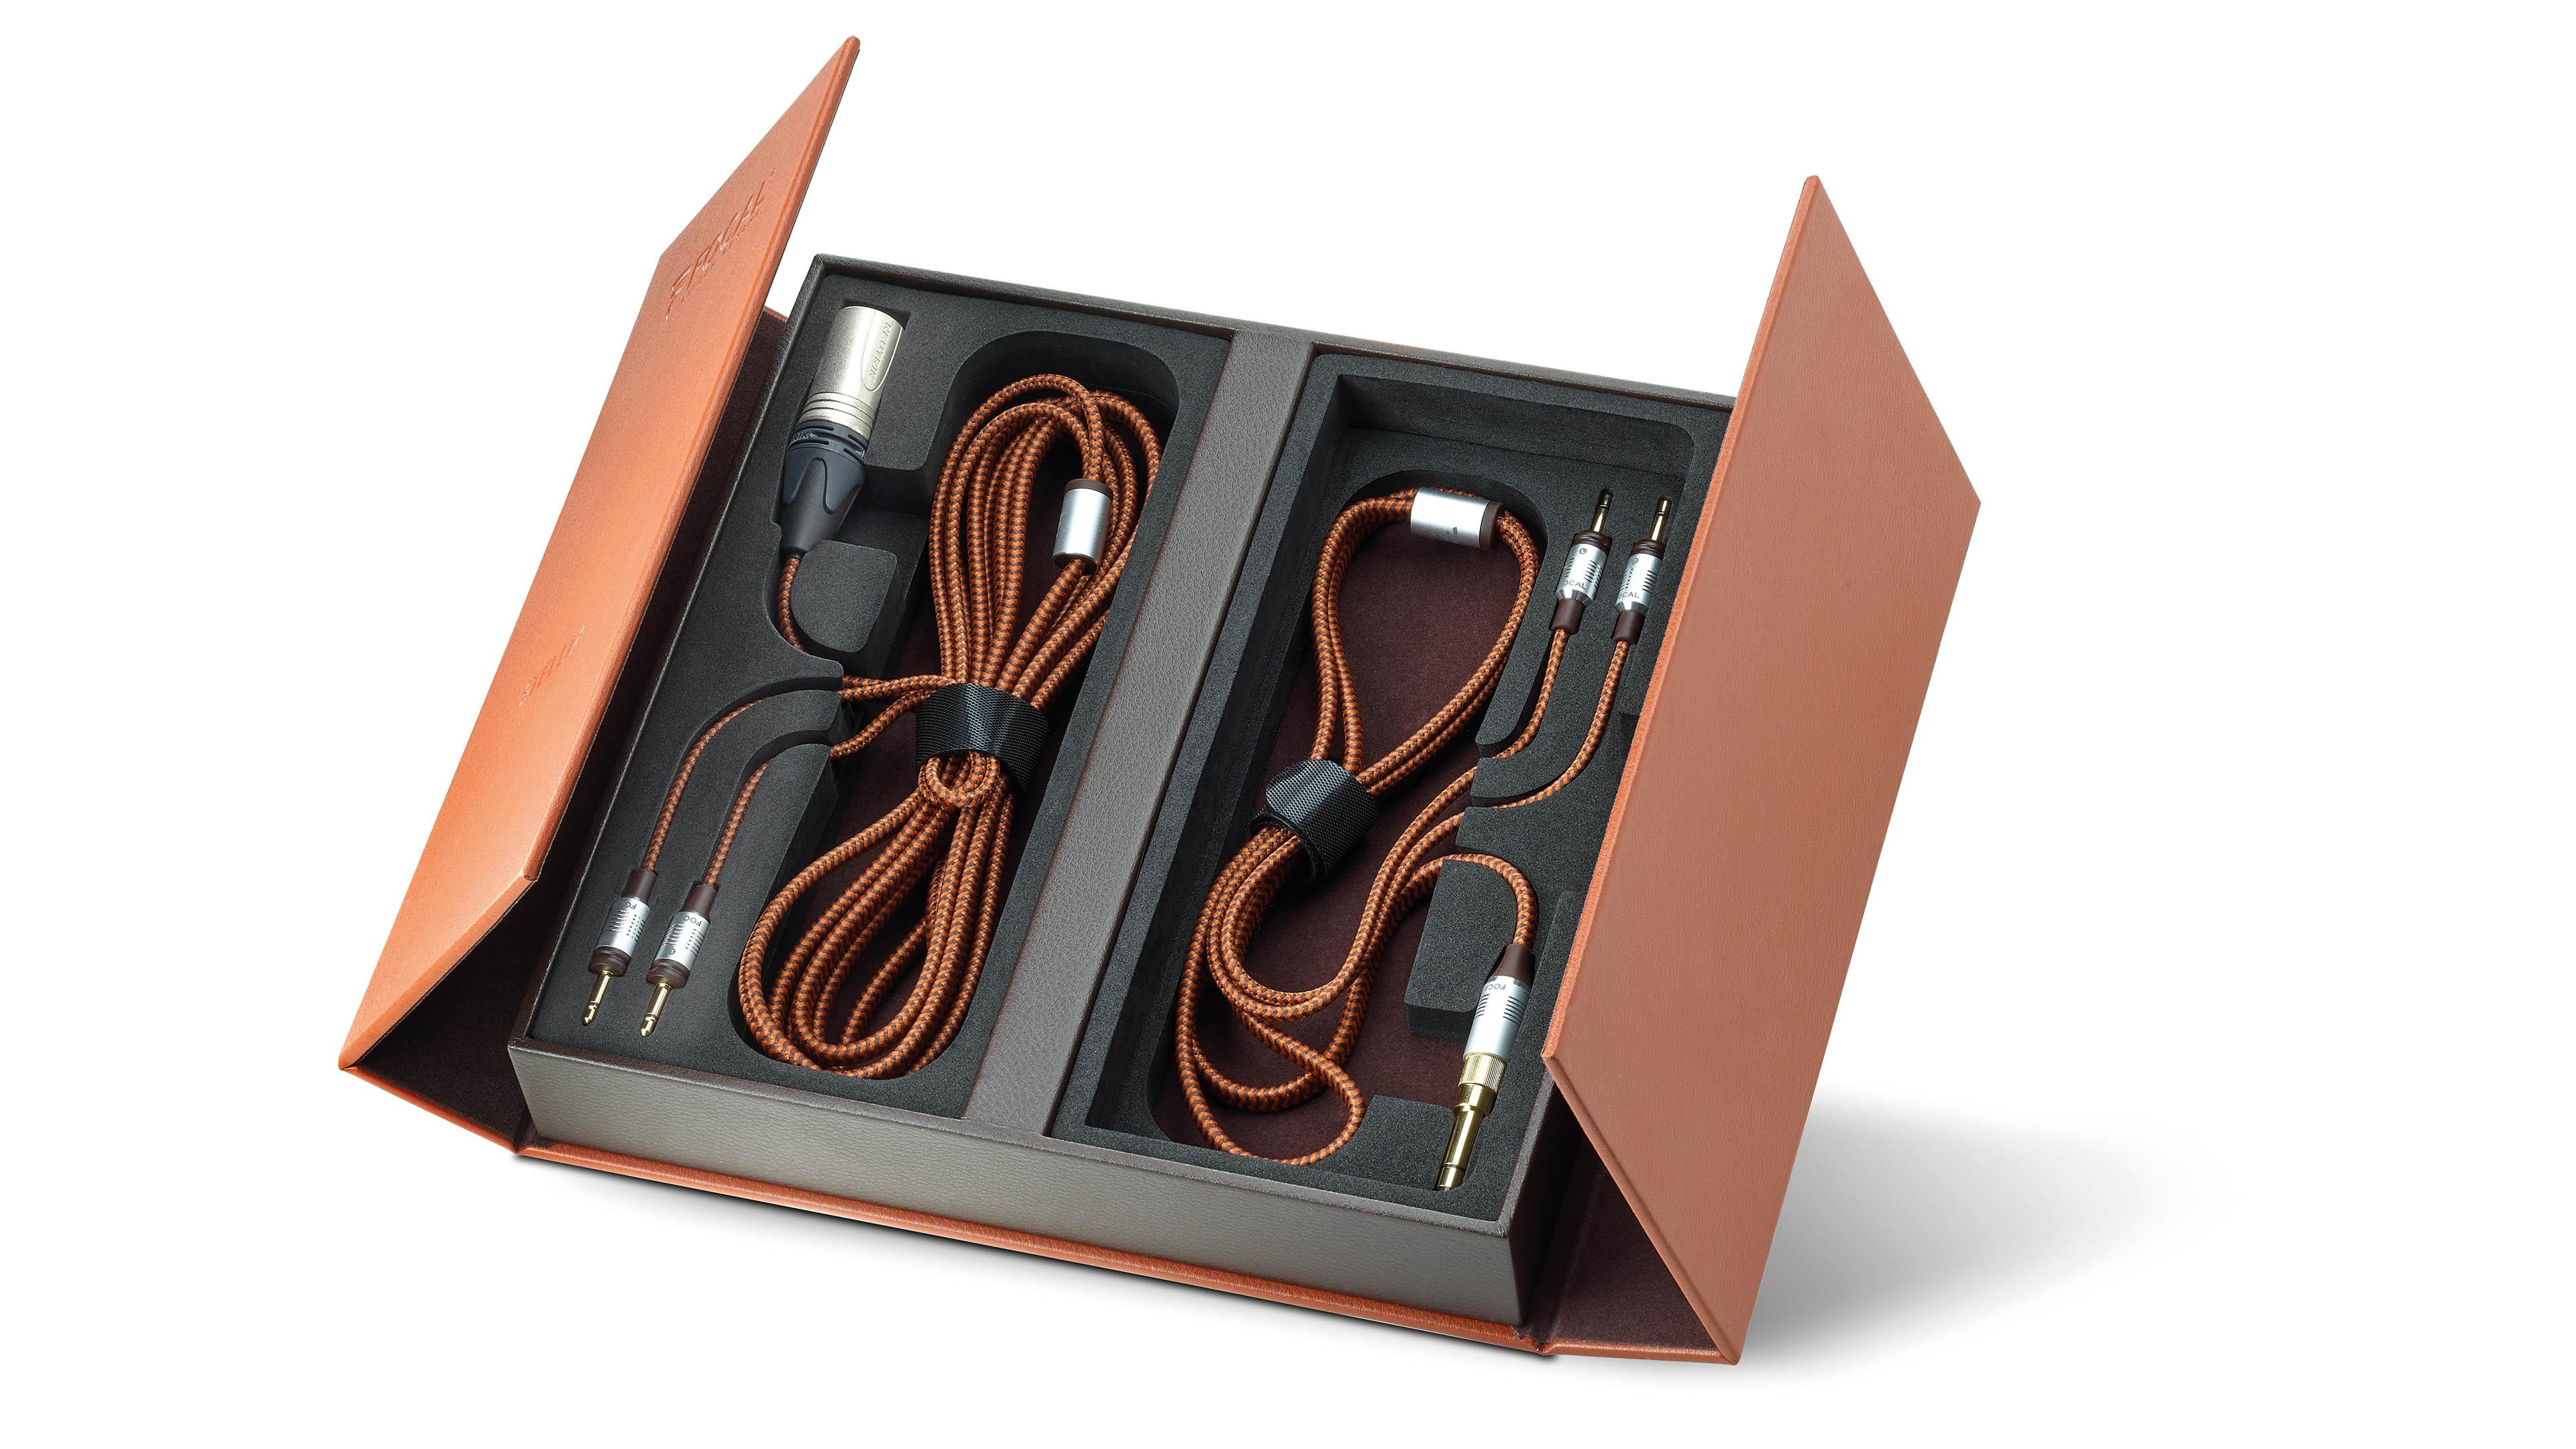 Både den balanserade och obalanserade kabeln ingår i lådan. Foto: Focal